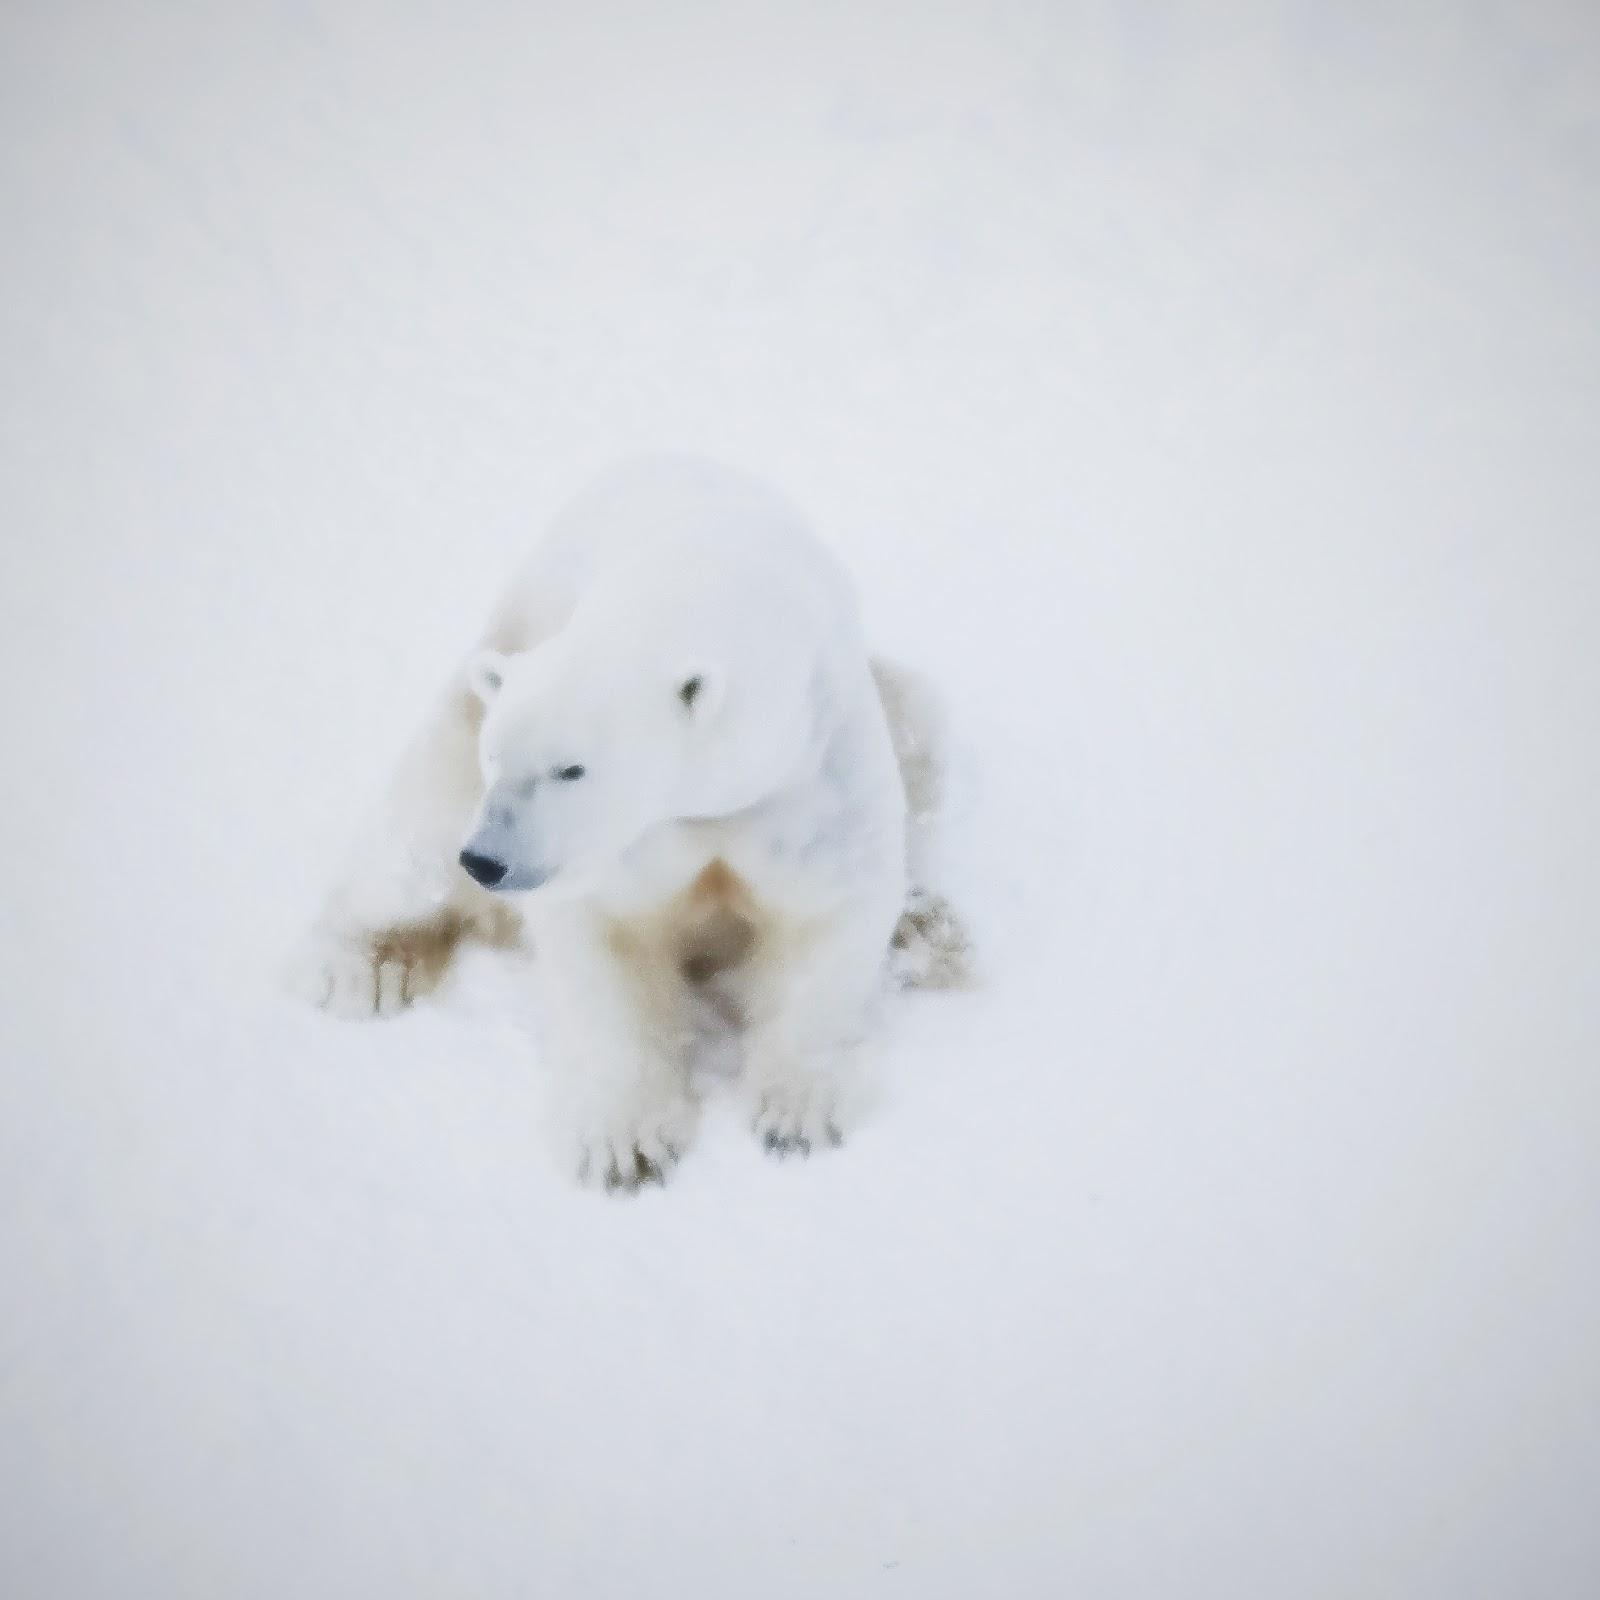 somdocents-animals-en-perill-d'extinció-ós-polar